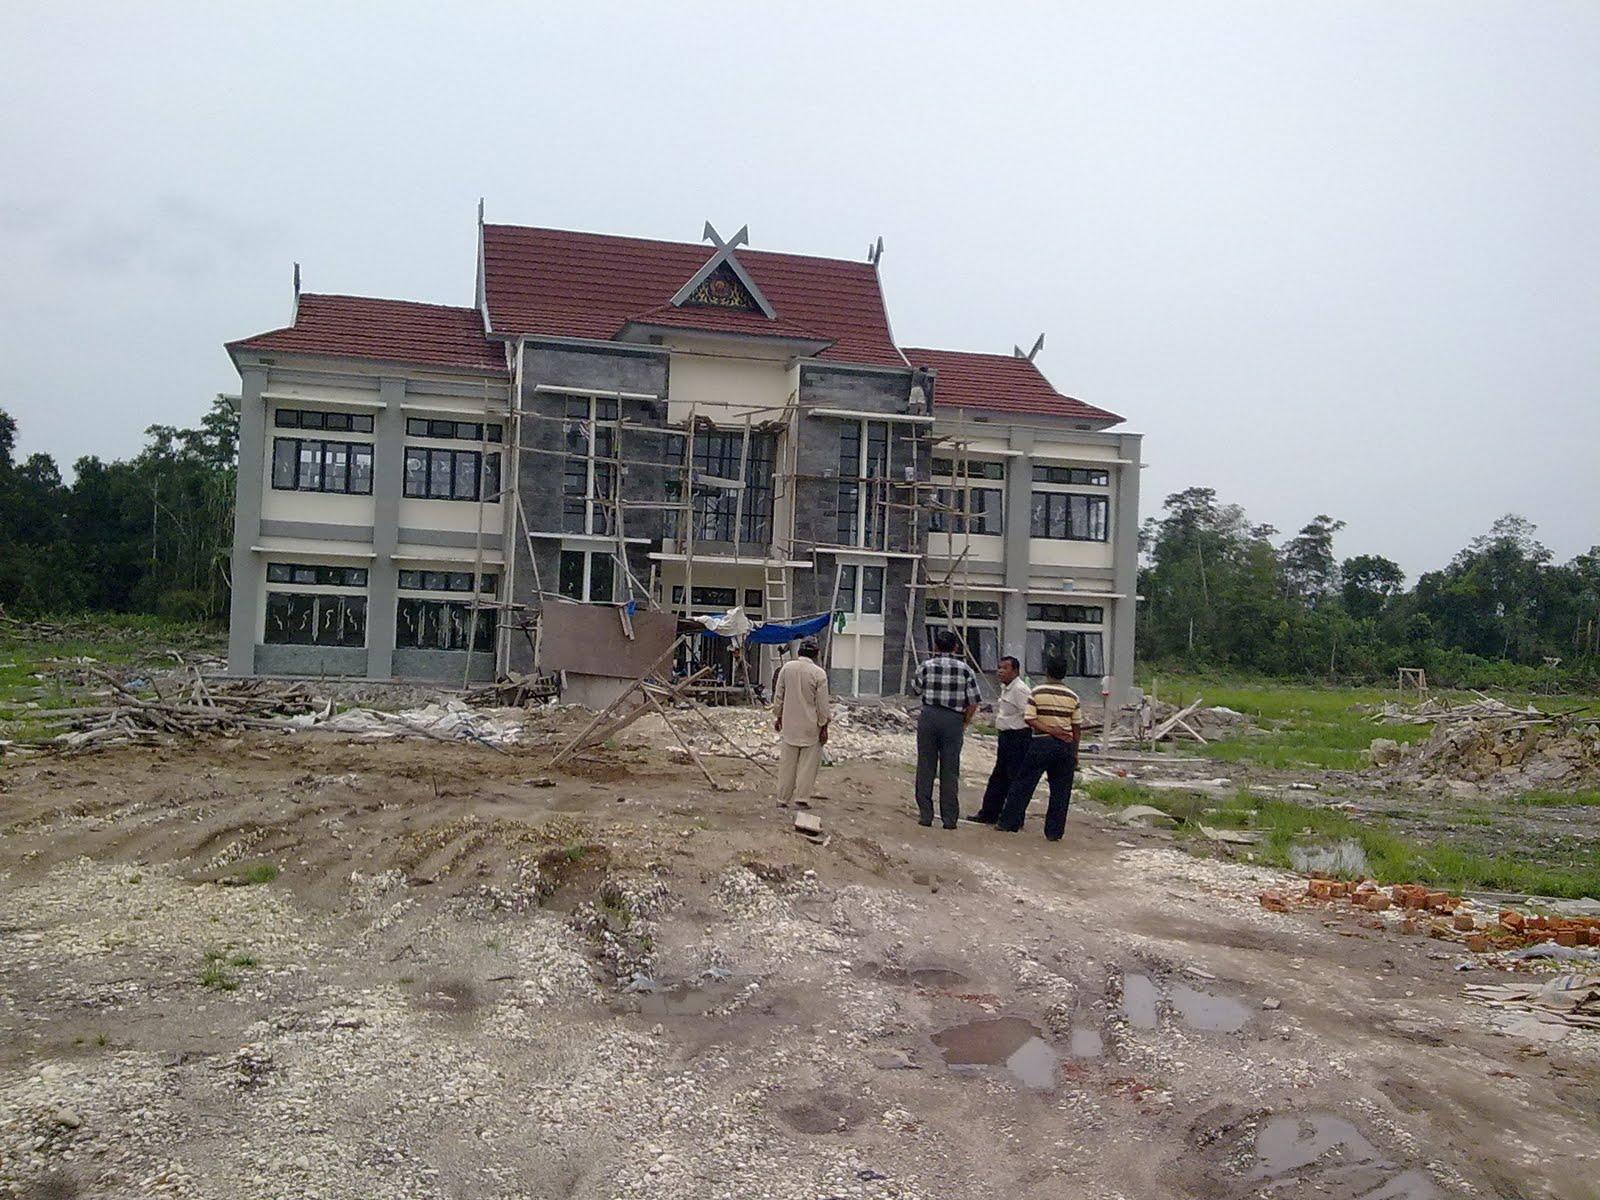 Pour lutter contre la surpopulation des prisons, de nouvelles structures sont construites dans tout l'archipel, comme ici dans la province de Jambi, à Sumatra (www.lapasbangko.co.cc).